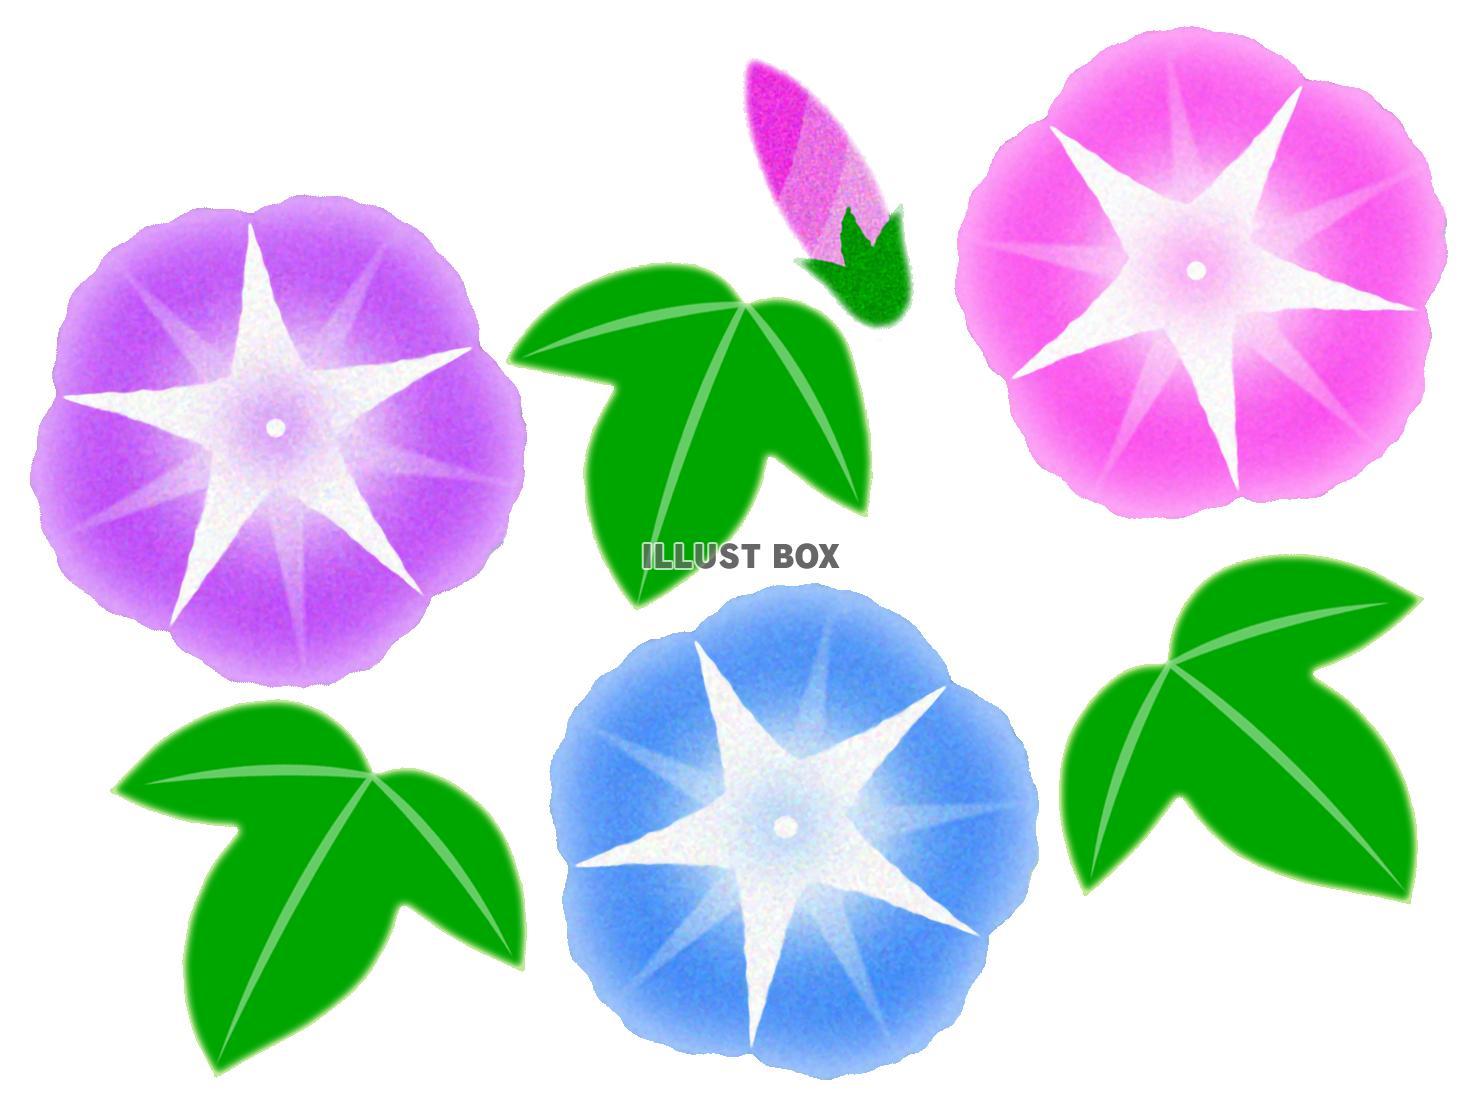 無料イラスト 朝顔イラスト背景素材アサガオの花模様壁紙透過png